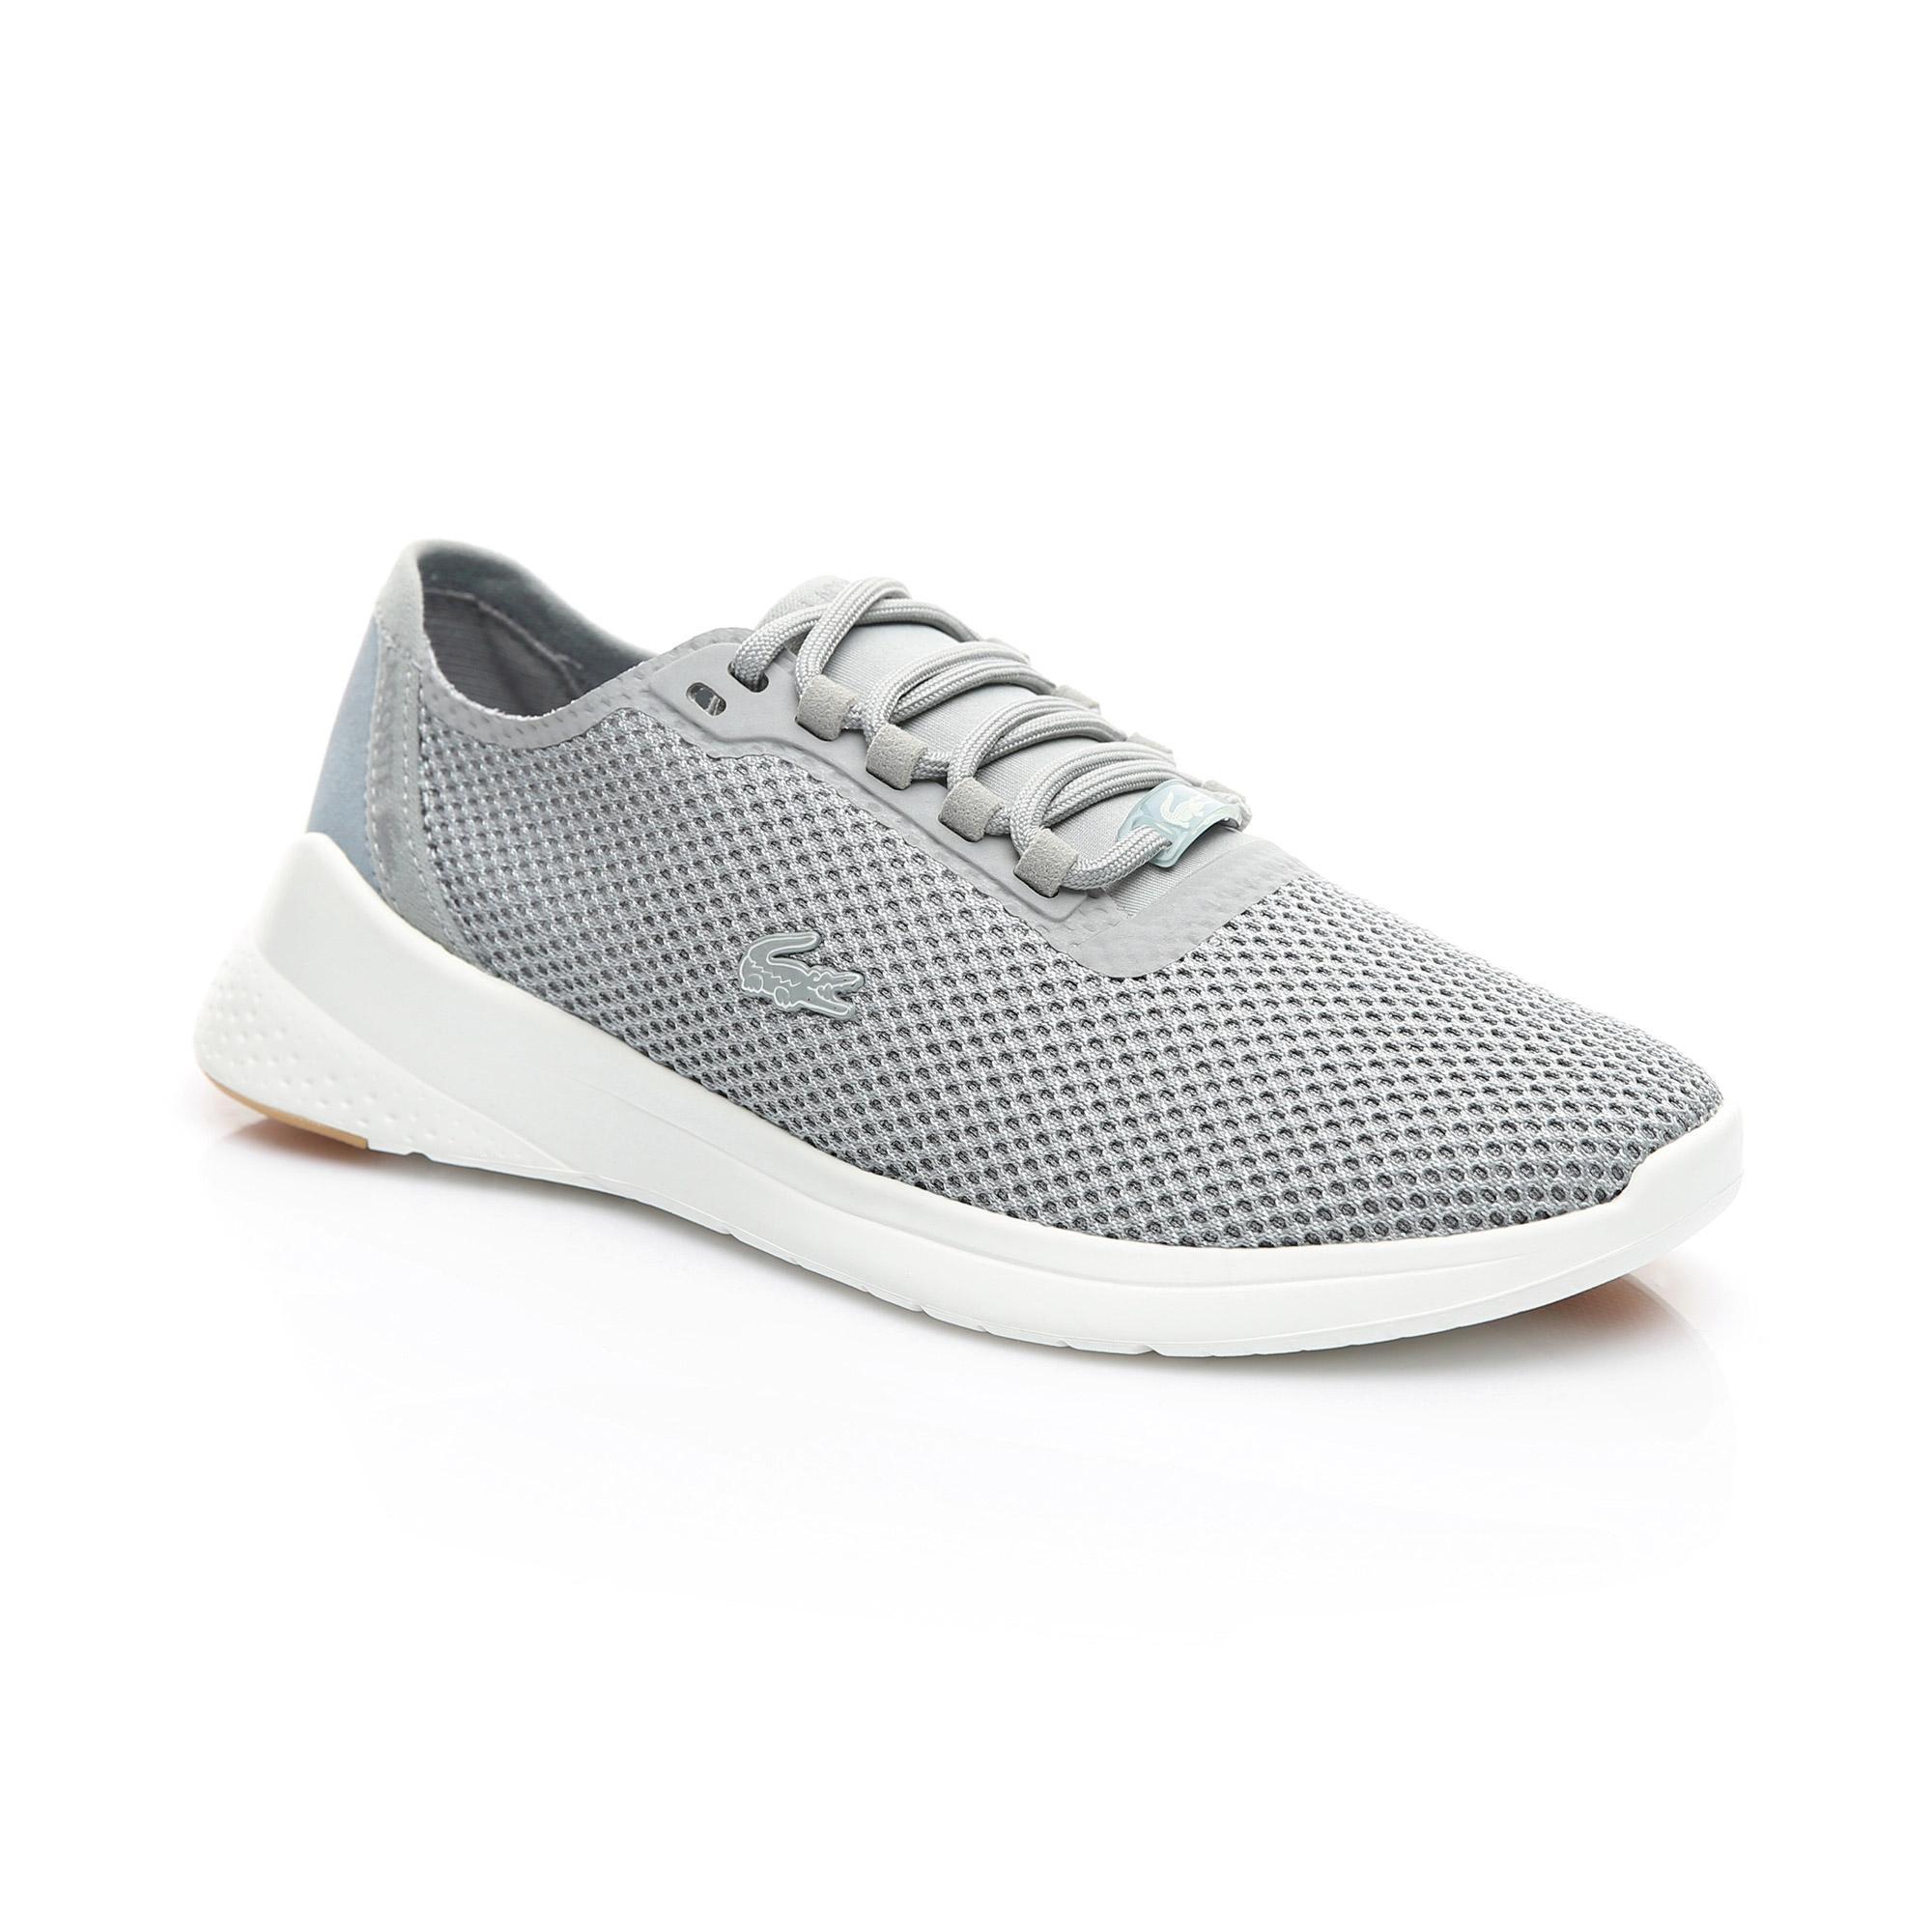 Lacoste Kadın Gri - Açık Mavi LT Fit 119 2 Sneaker